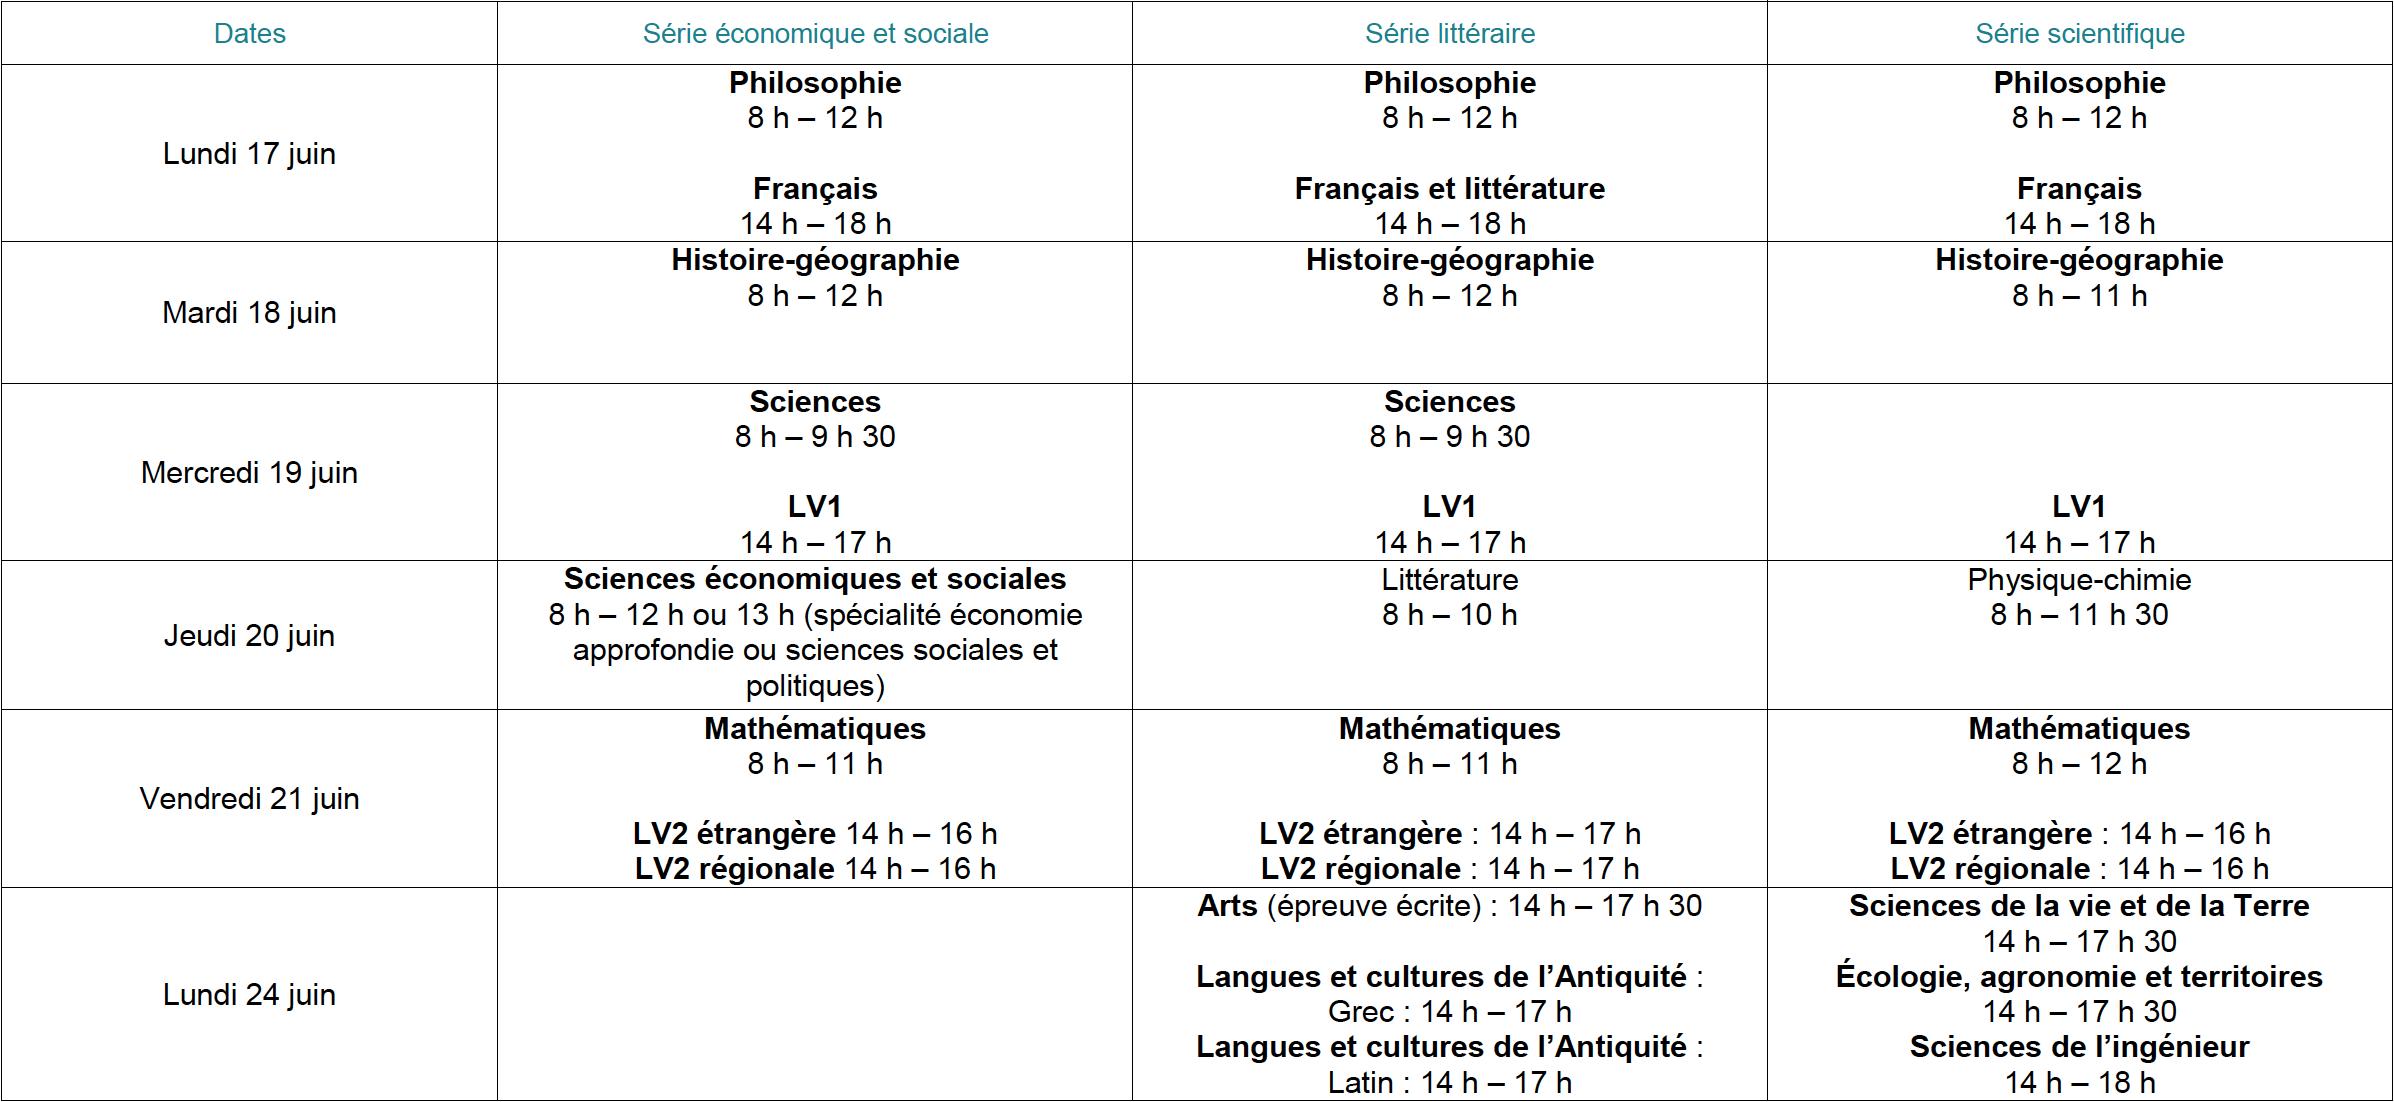 Calendrier Epreuve Bac 2019.Le Calendrier Des Epreuves Du Baccalaureat 2019 Langlois